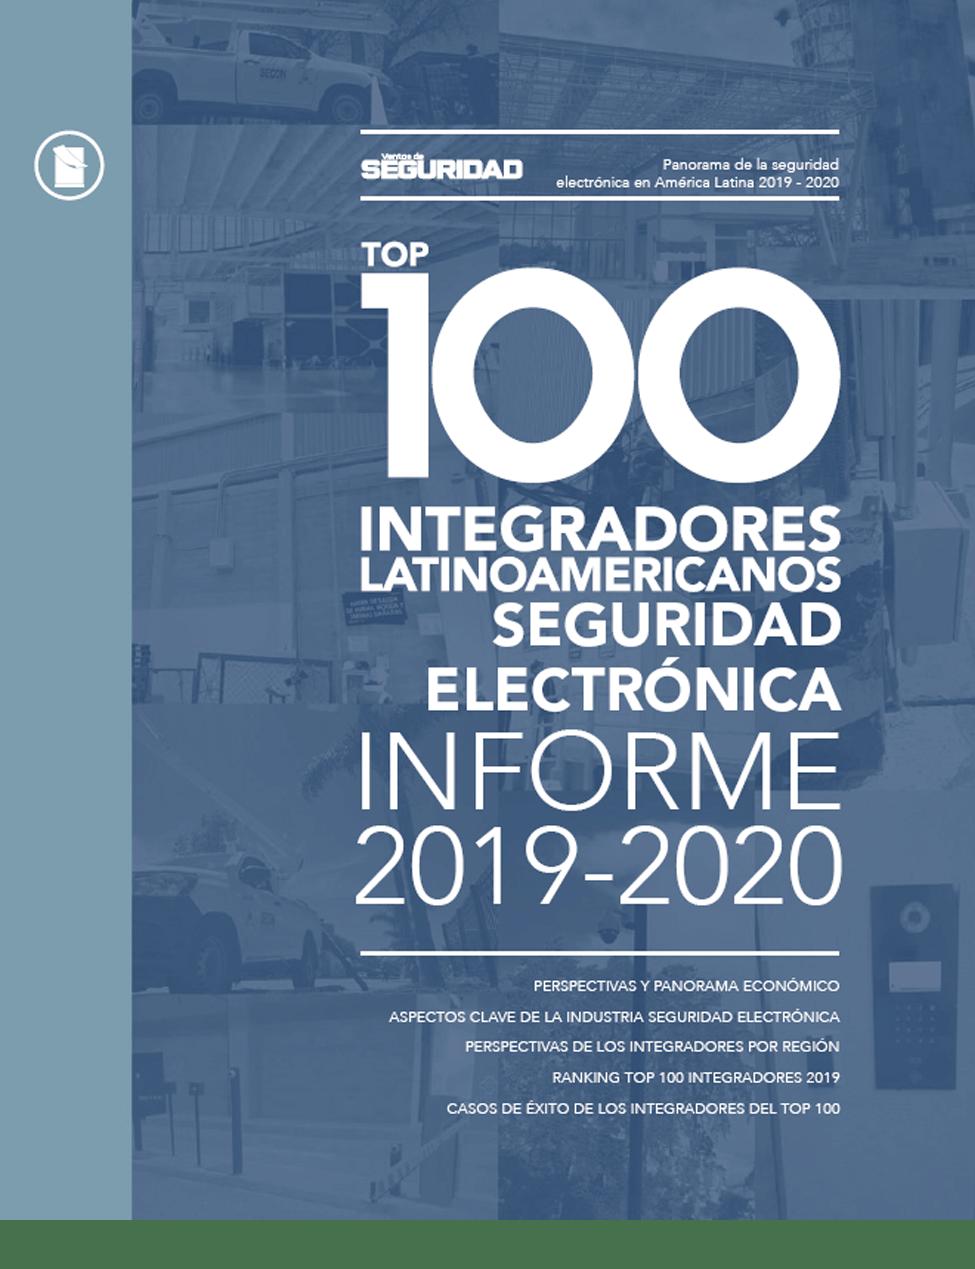 TOP 100 INTEGRADORES SEGURIDAD ELECTRÓNICA • 2019-2020 Image